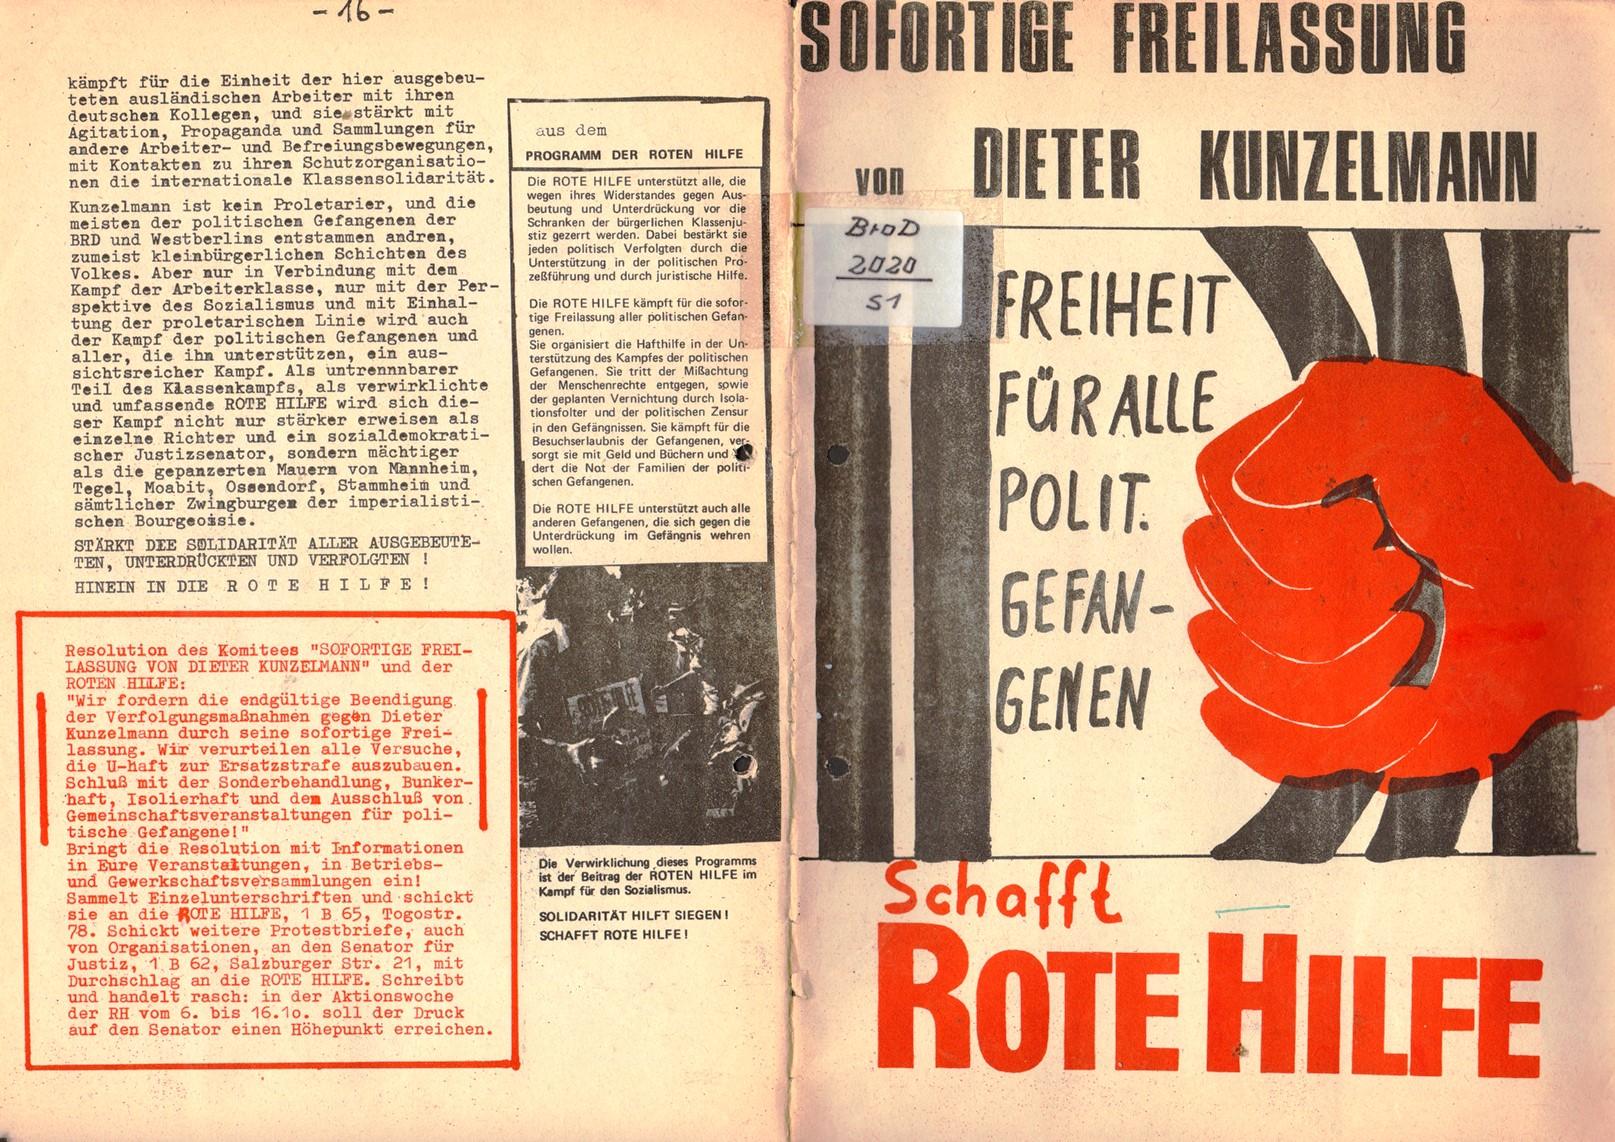 Berlin_RH_1974_Doku_Kunzelmann_2_01